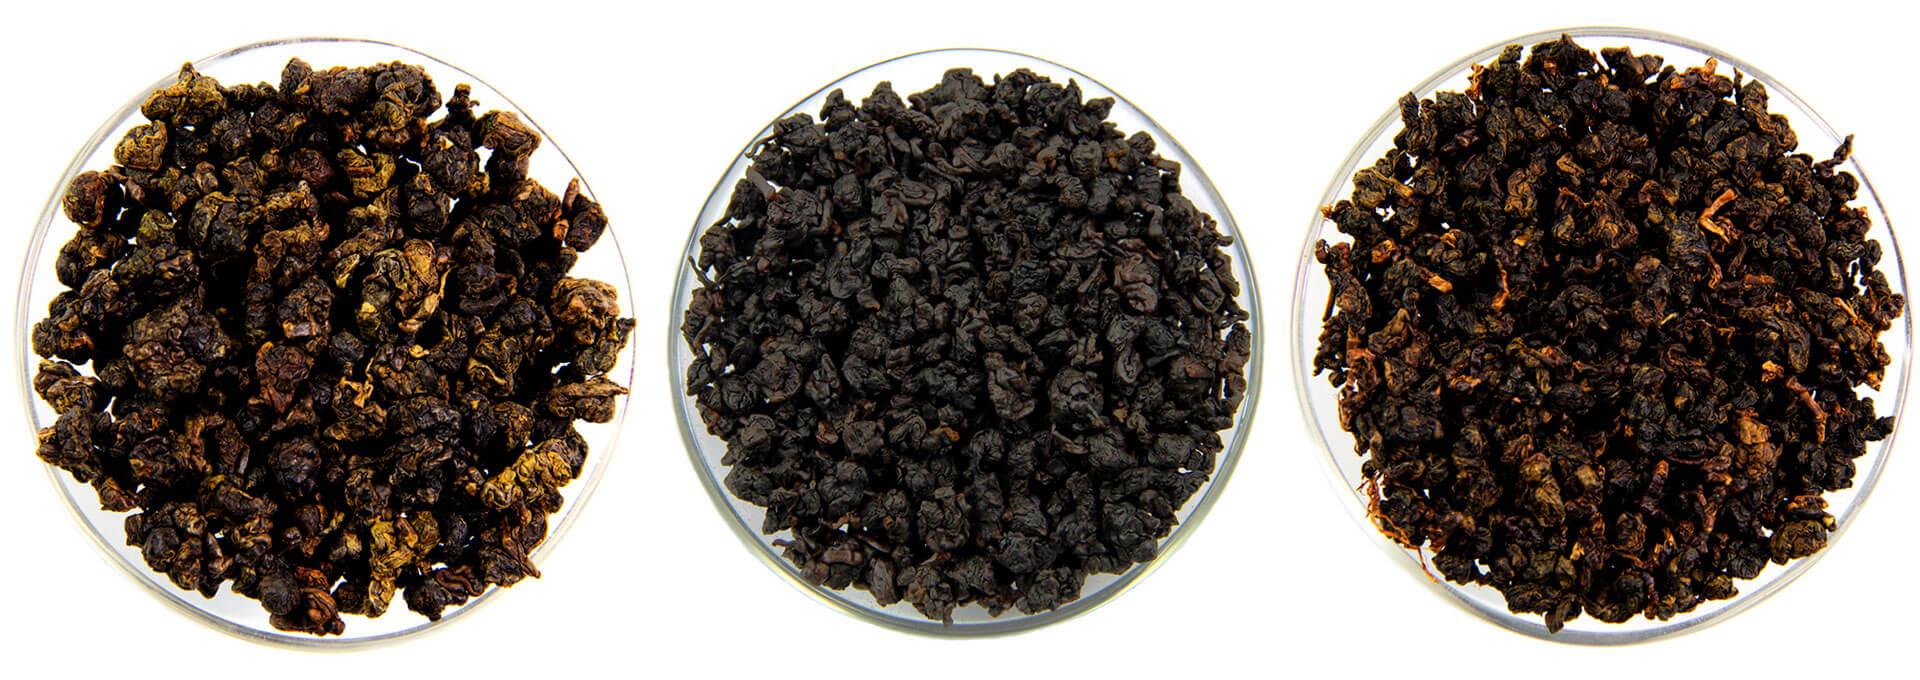 ГАБА - уникальный чай с уникальными свойствами. 2